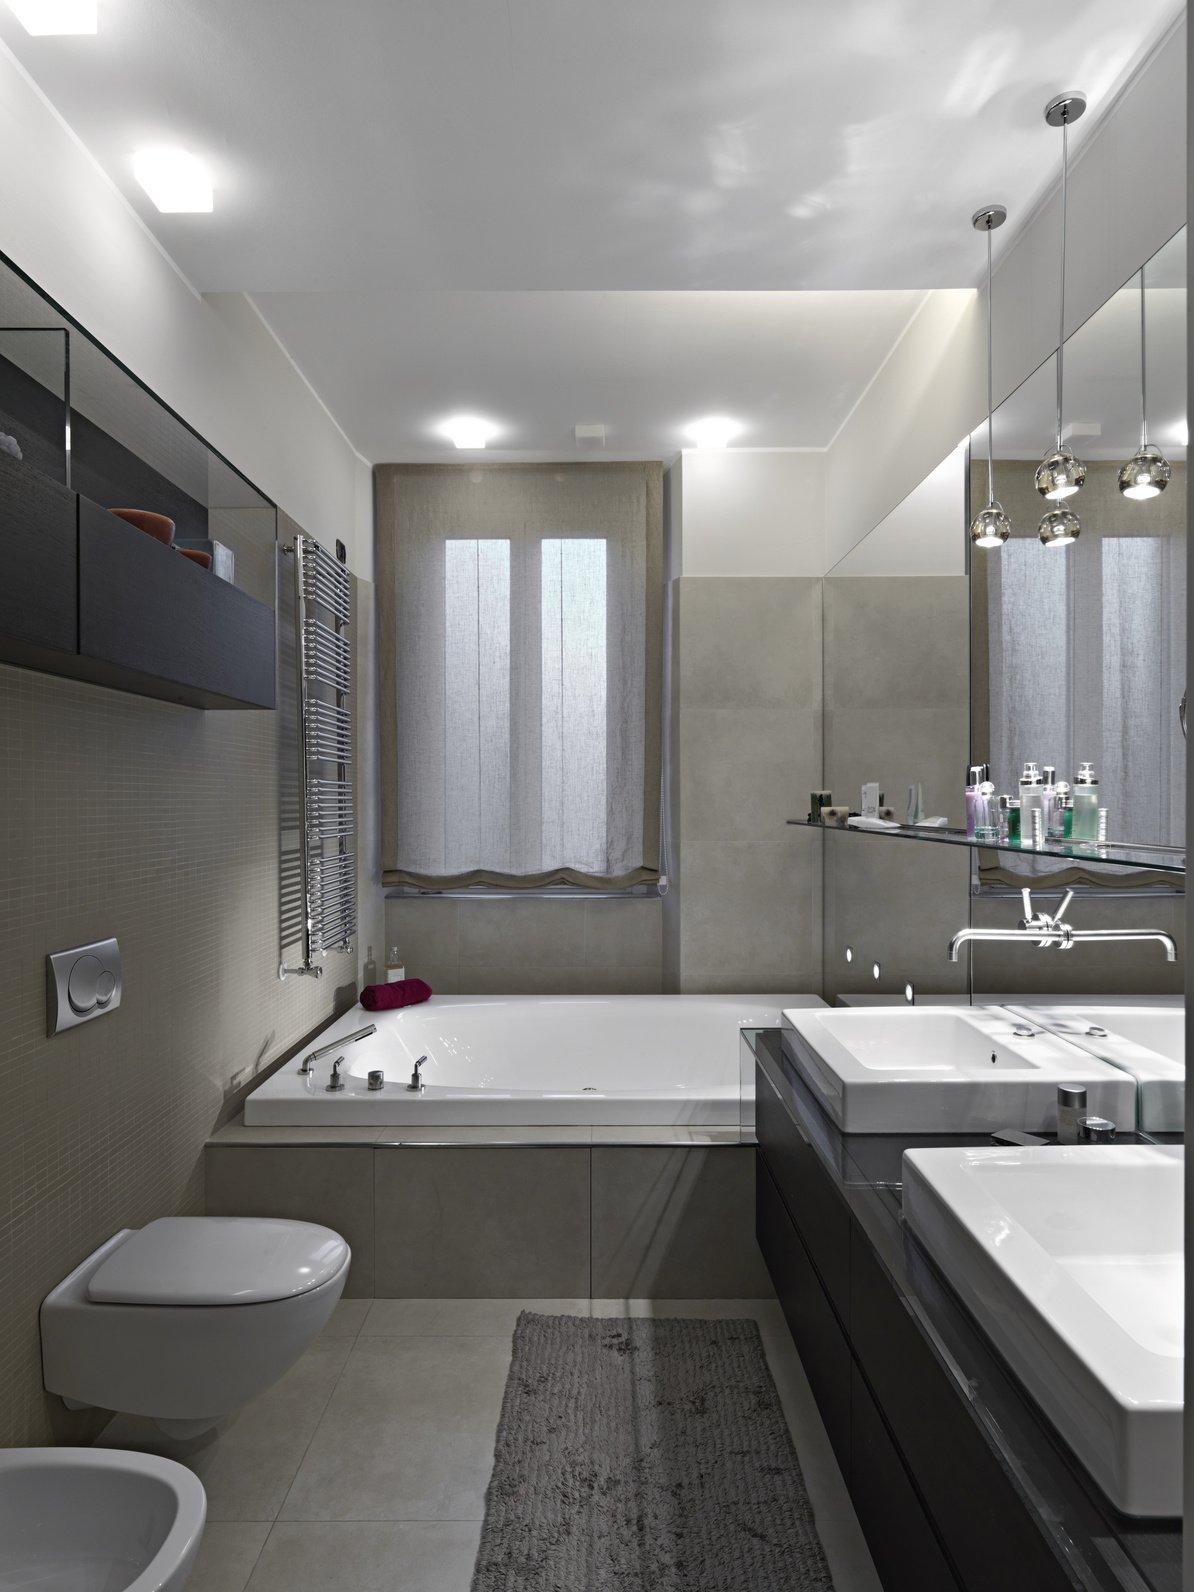 Piccoli lavori in bagno come sostituire il sedile del wc cose di casa - Bagno di casa ...